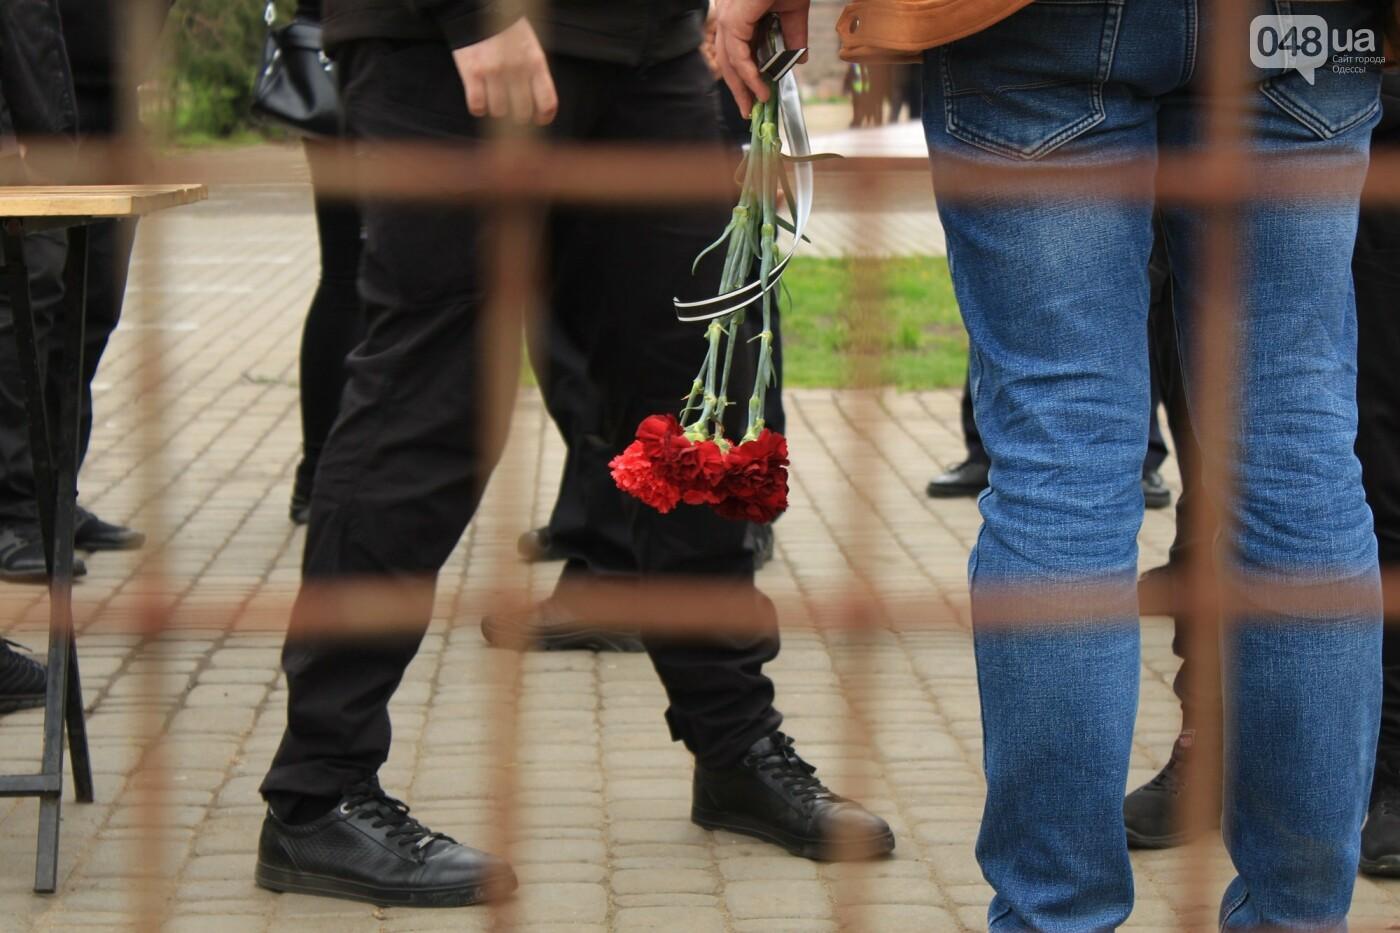 В Одессе к Дому профсоюзов несут цветы под присмотром полиции и медиков, - ФОТО, ВИДЕО , фото-14